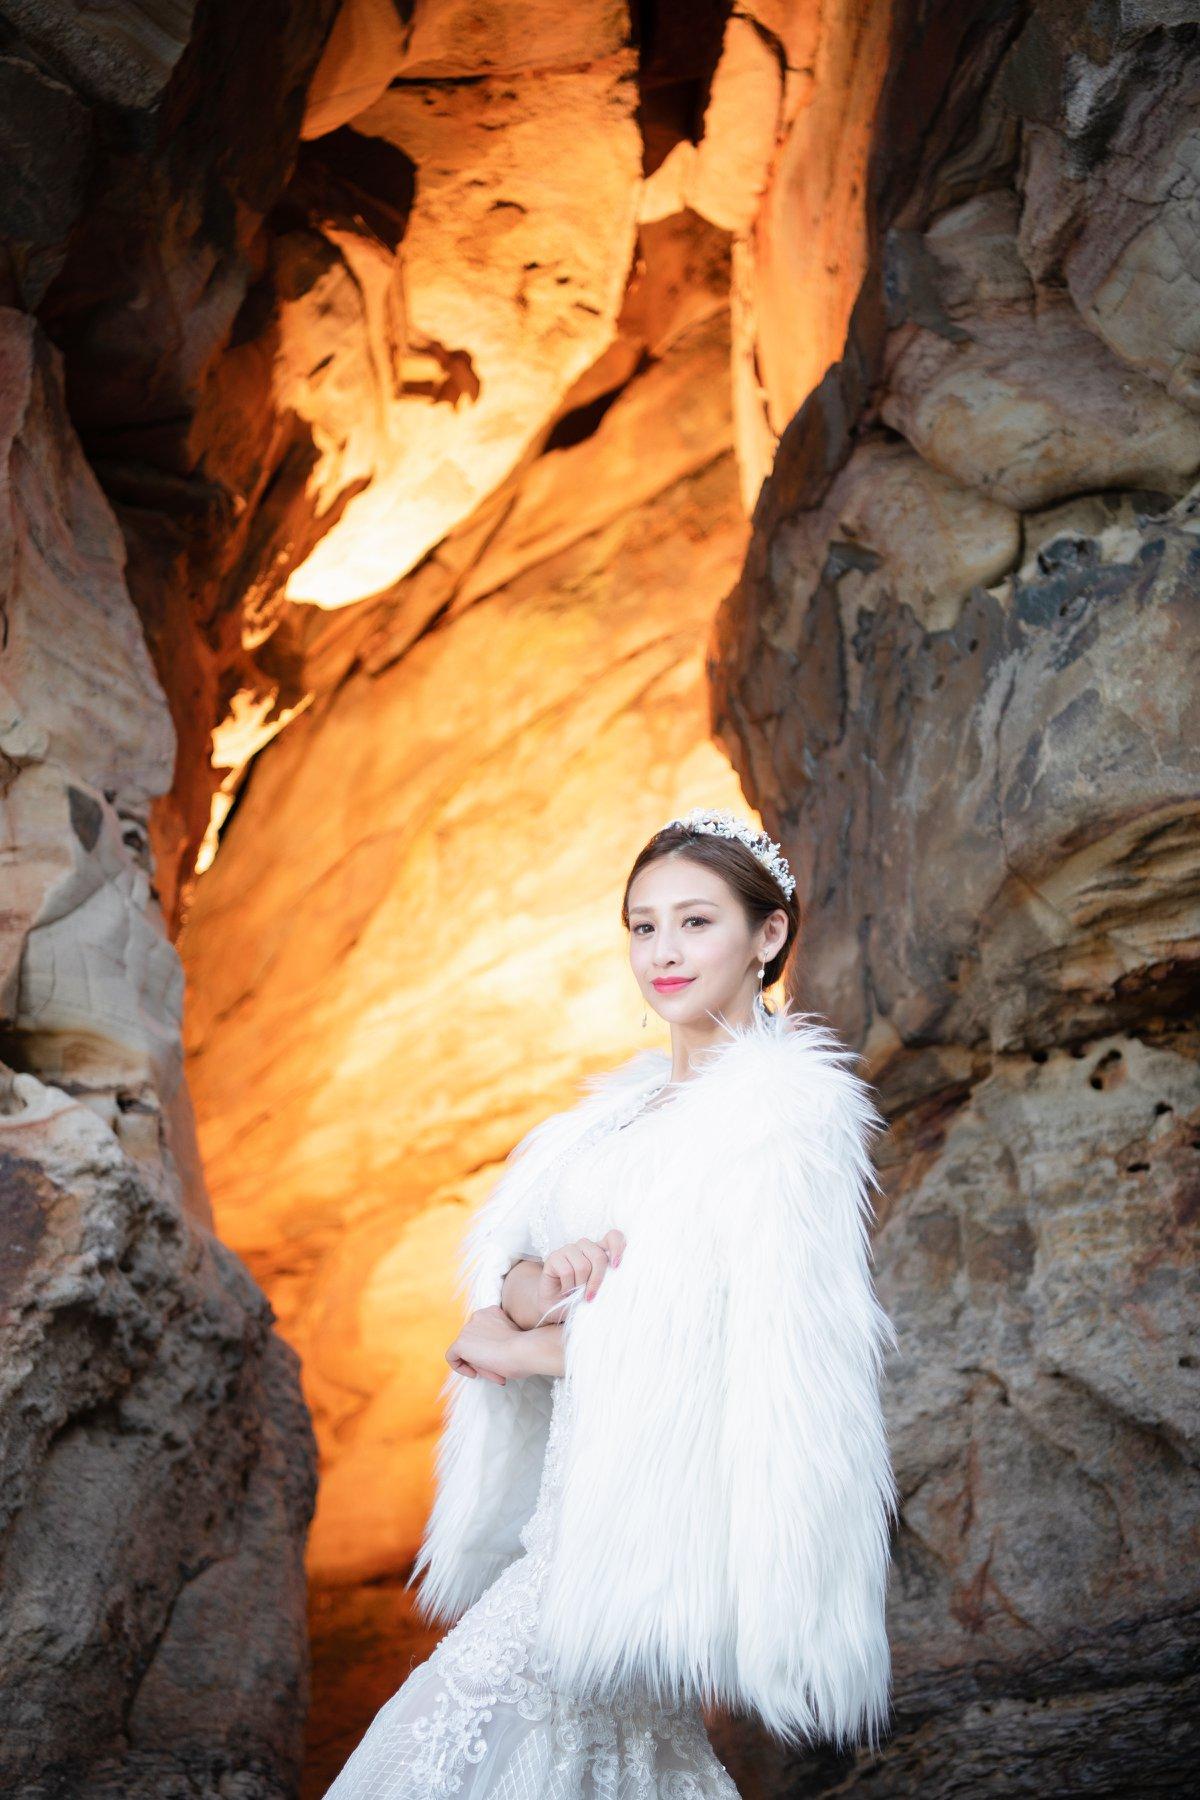 台北新娘秘書|新娘妝髮|新秘雨晴|婚攝彭彭|貳月婚紗|女王氣勢|皇冠|拖尾白紗|馬尾造型